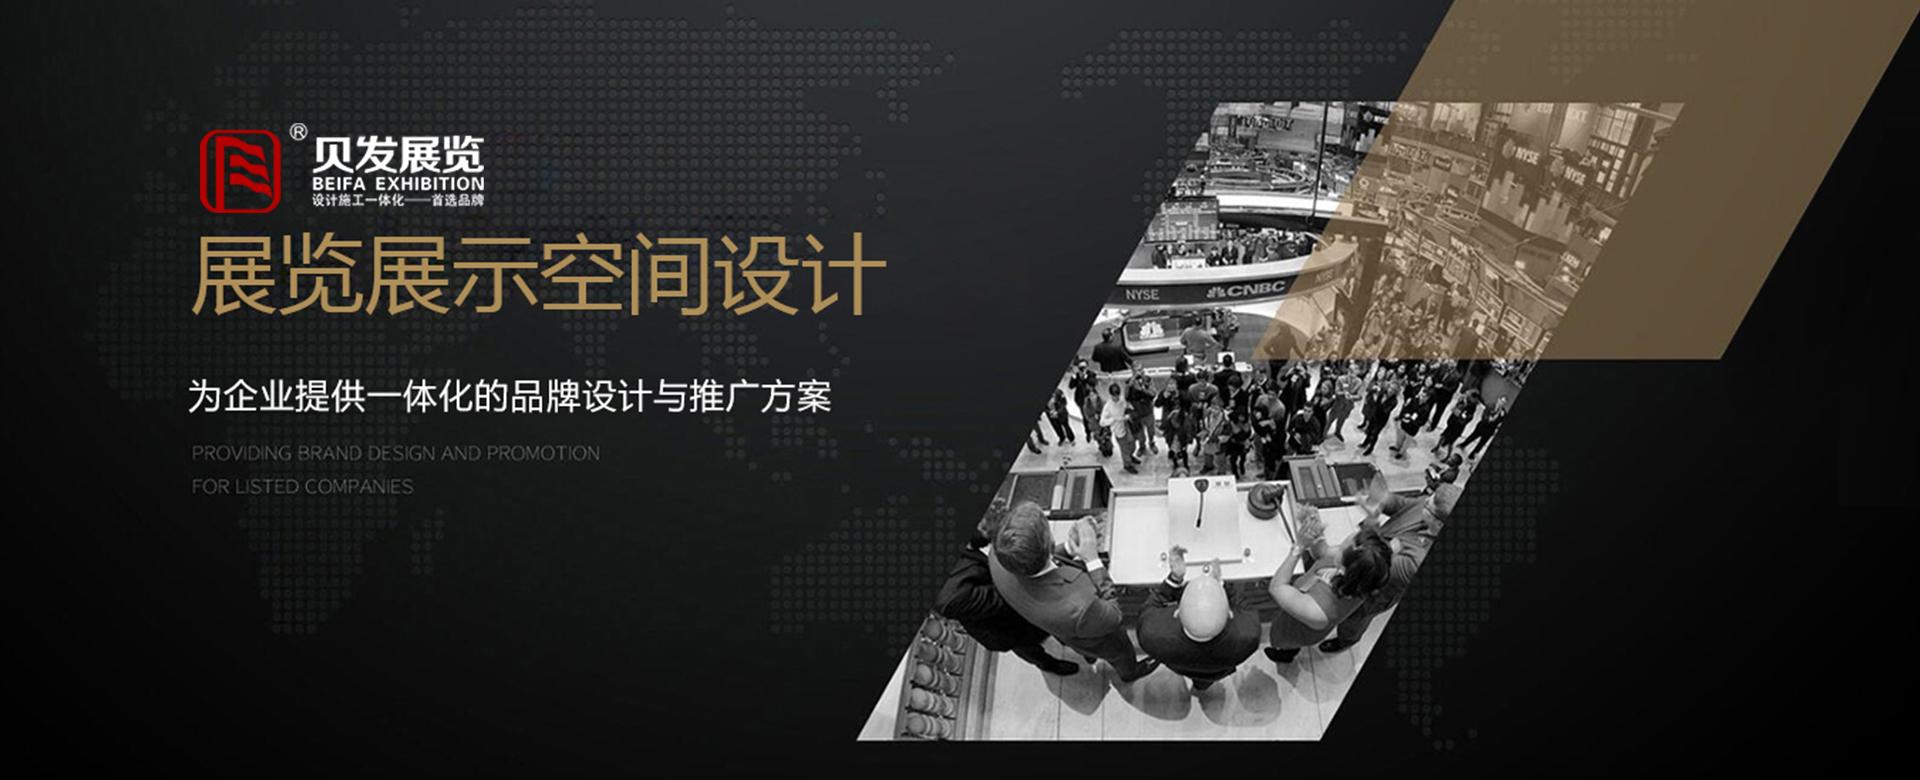 广州贝发展台设计